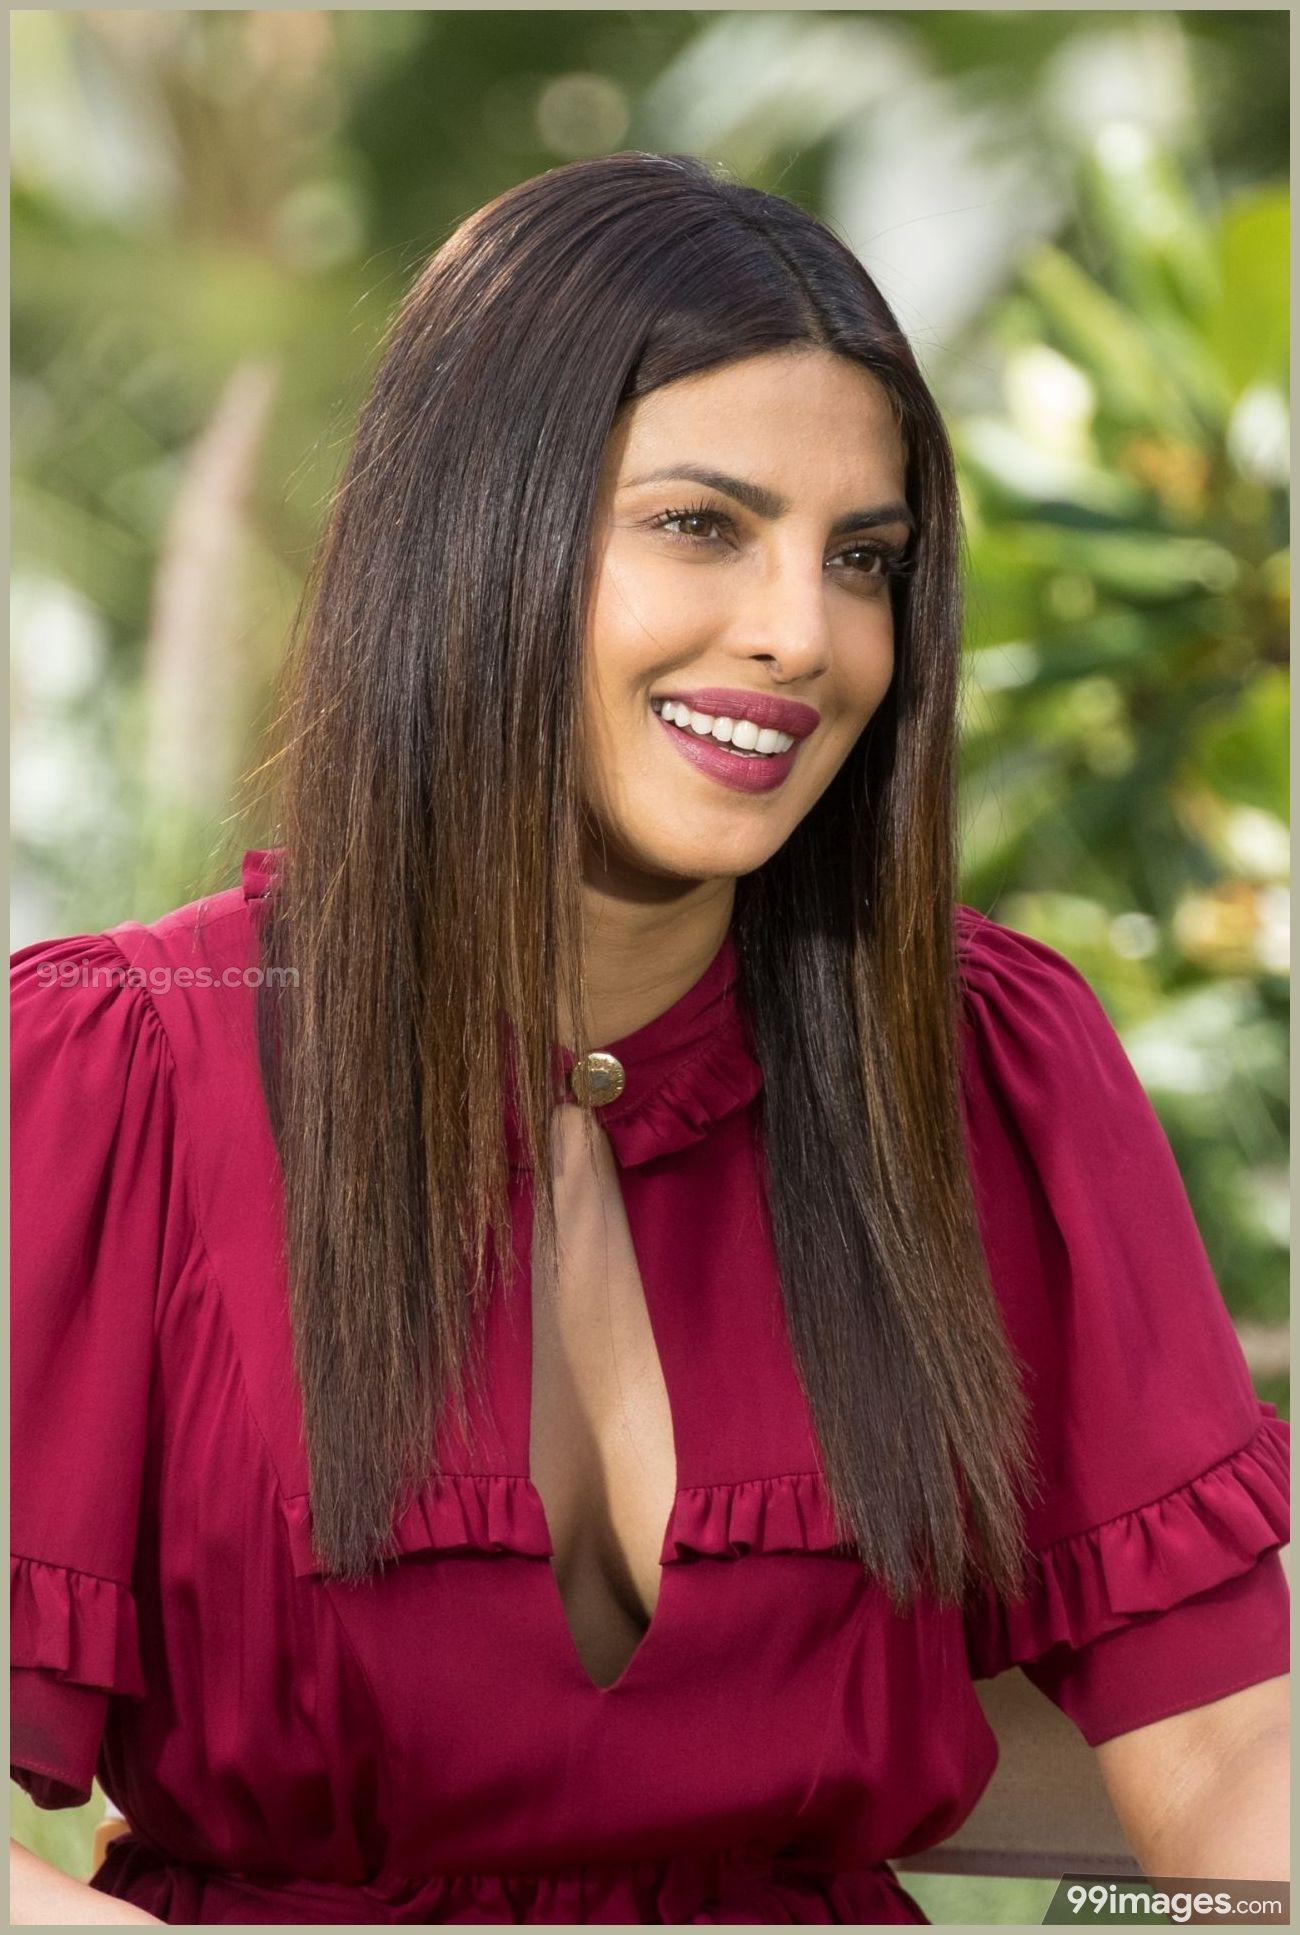 Priyanka Chopra Hot Hd Photos 1080p Beautiful Indian Actress